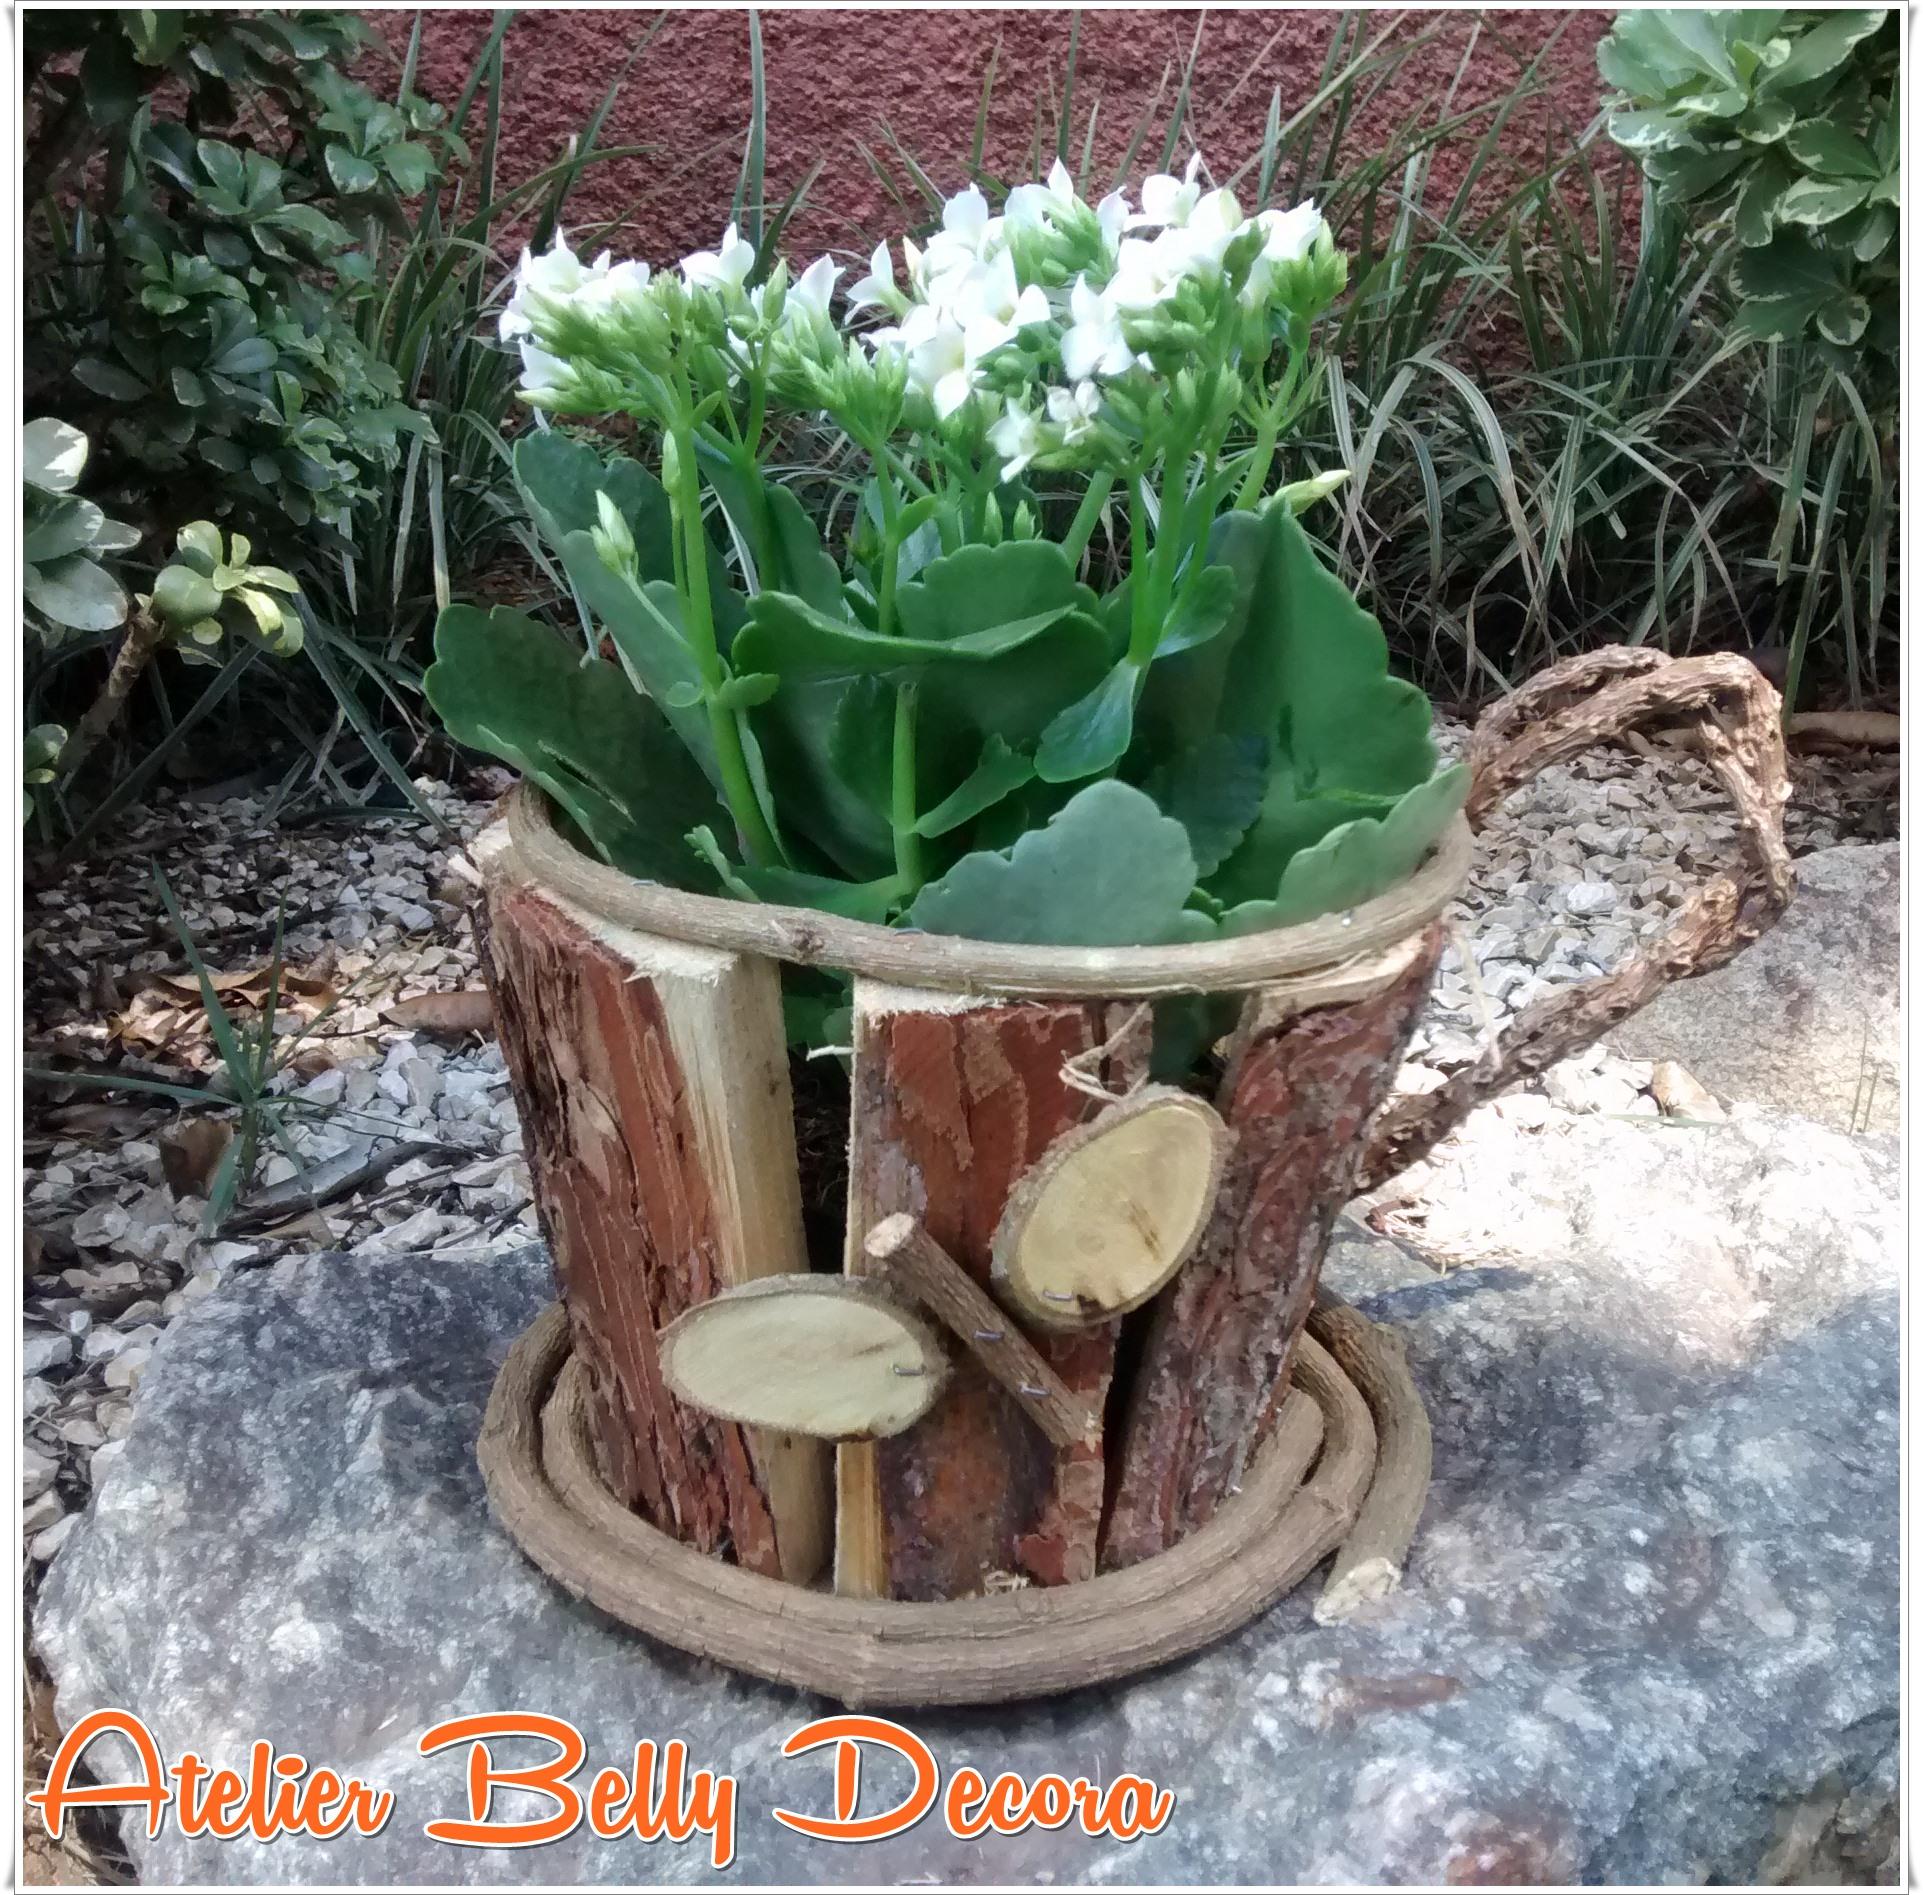 rustica xicara madeira decoracao jardim madeira rustica xicara rustico #39693F 1923x1895